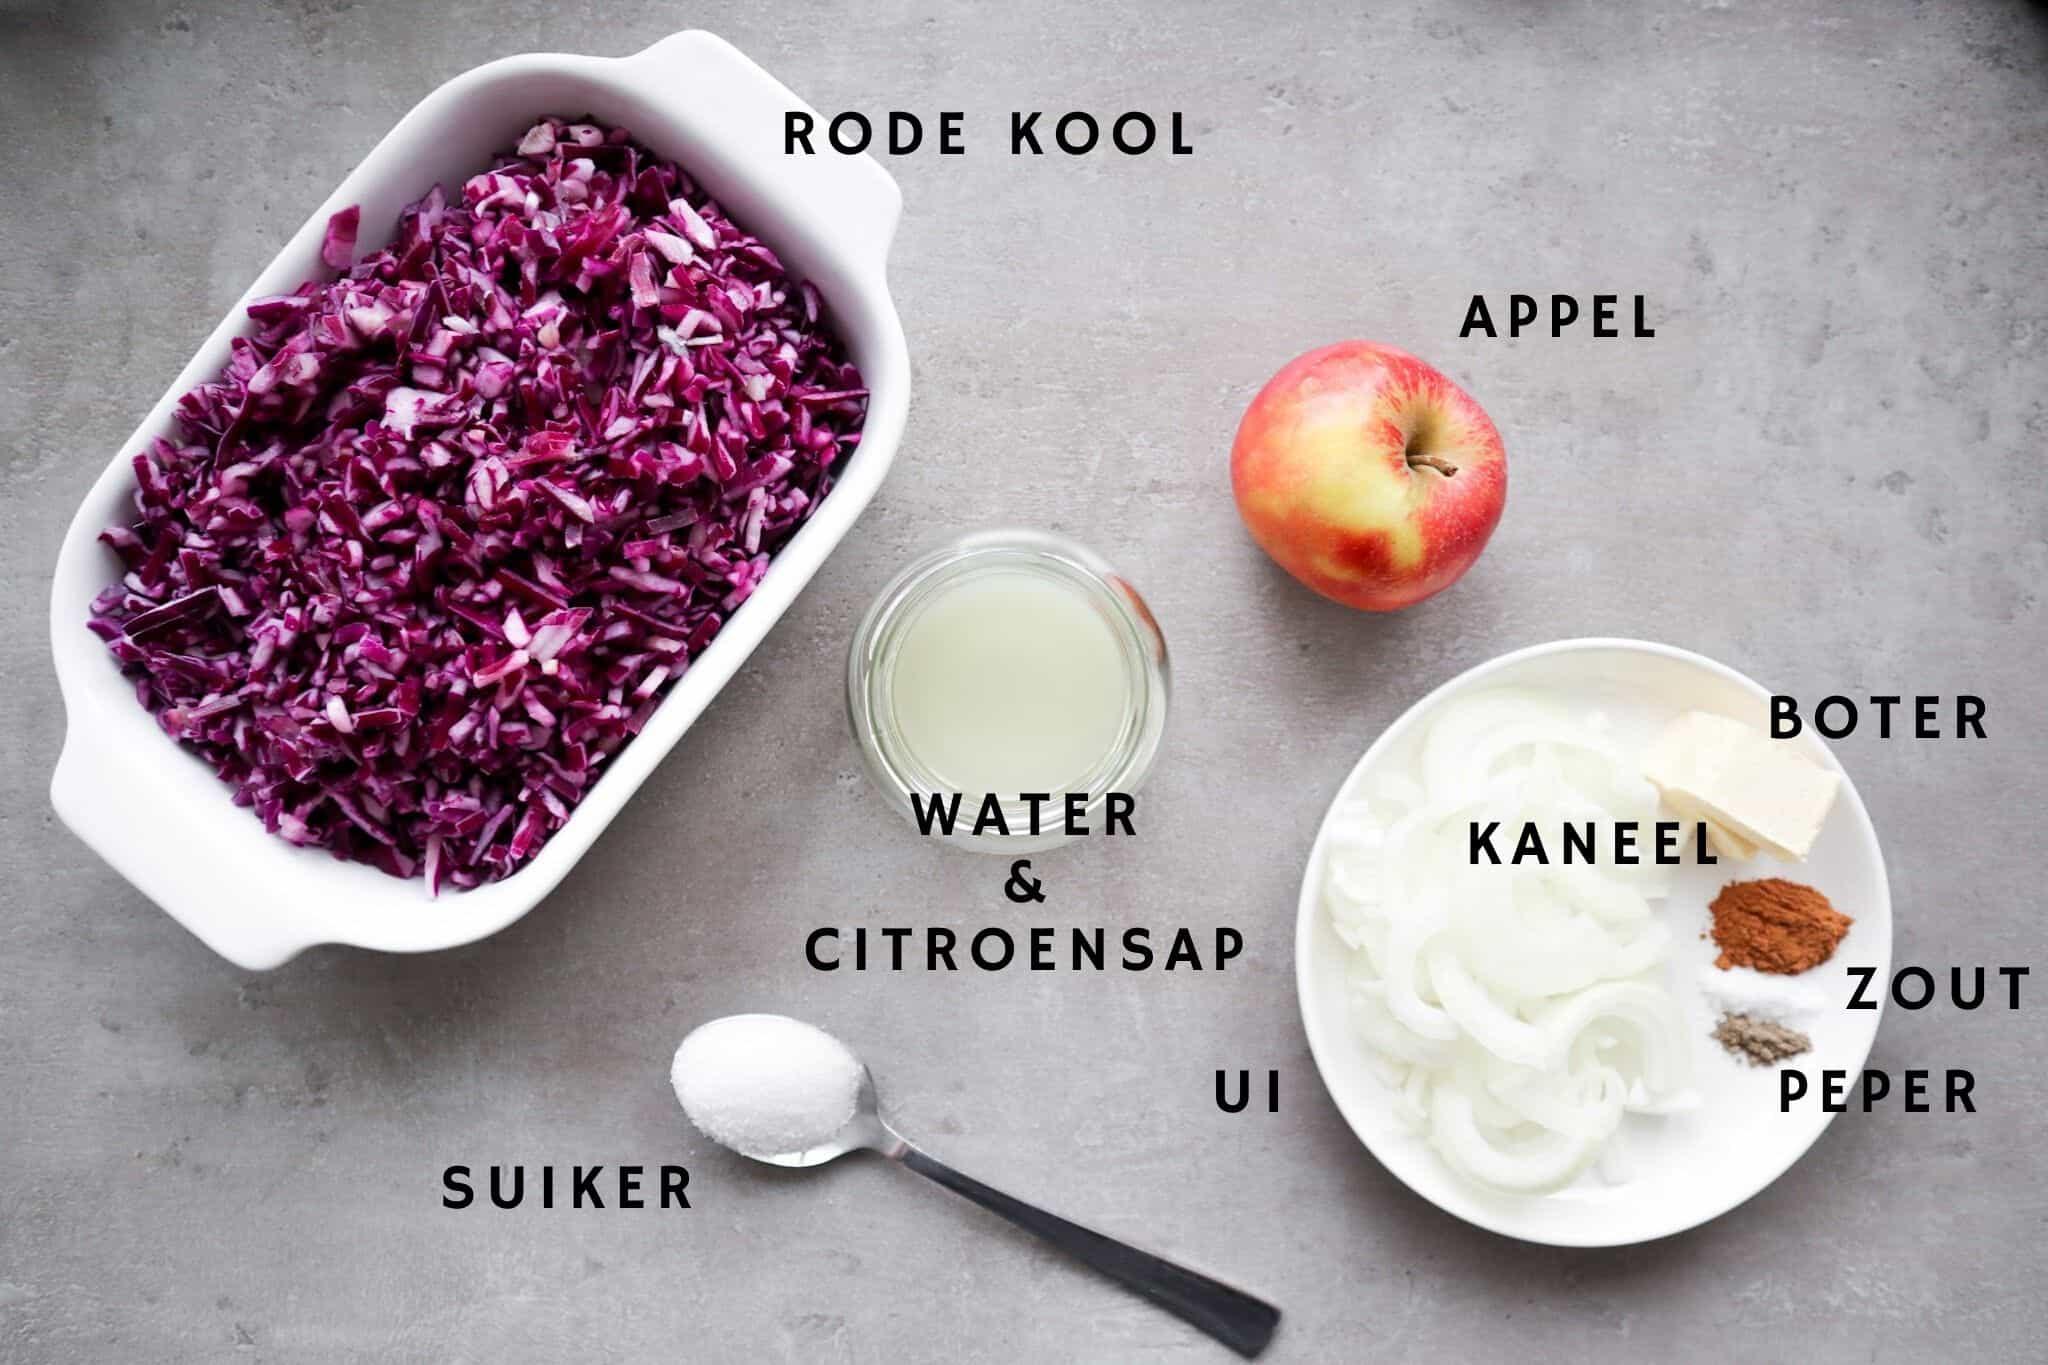 Ingredienten voor rode kool met appel